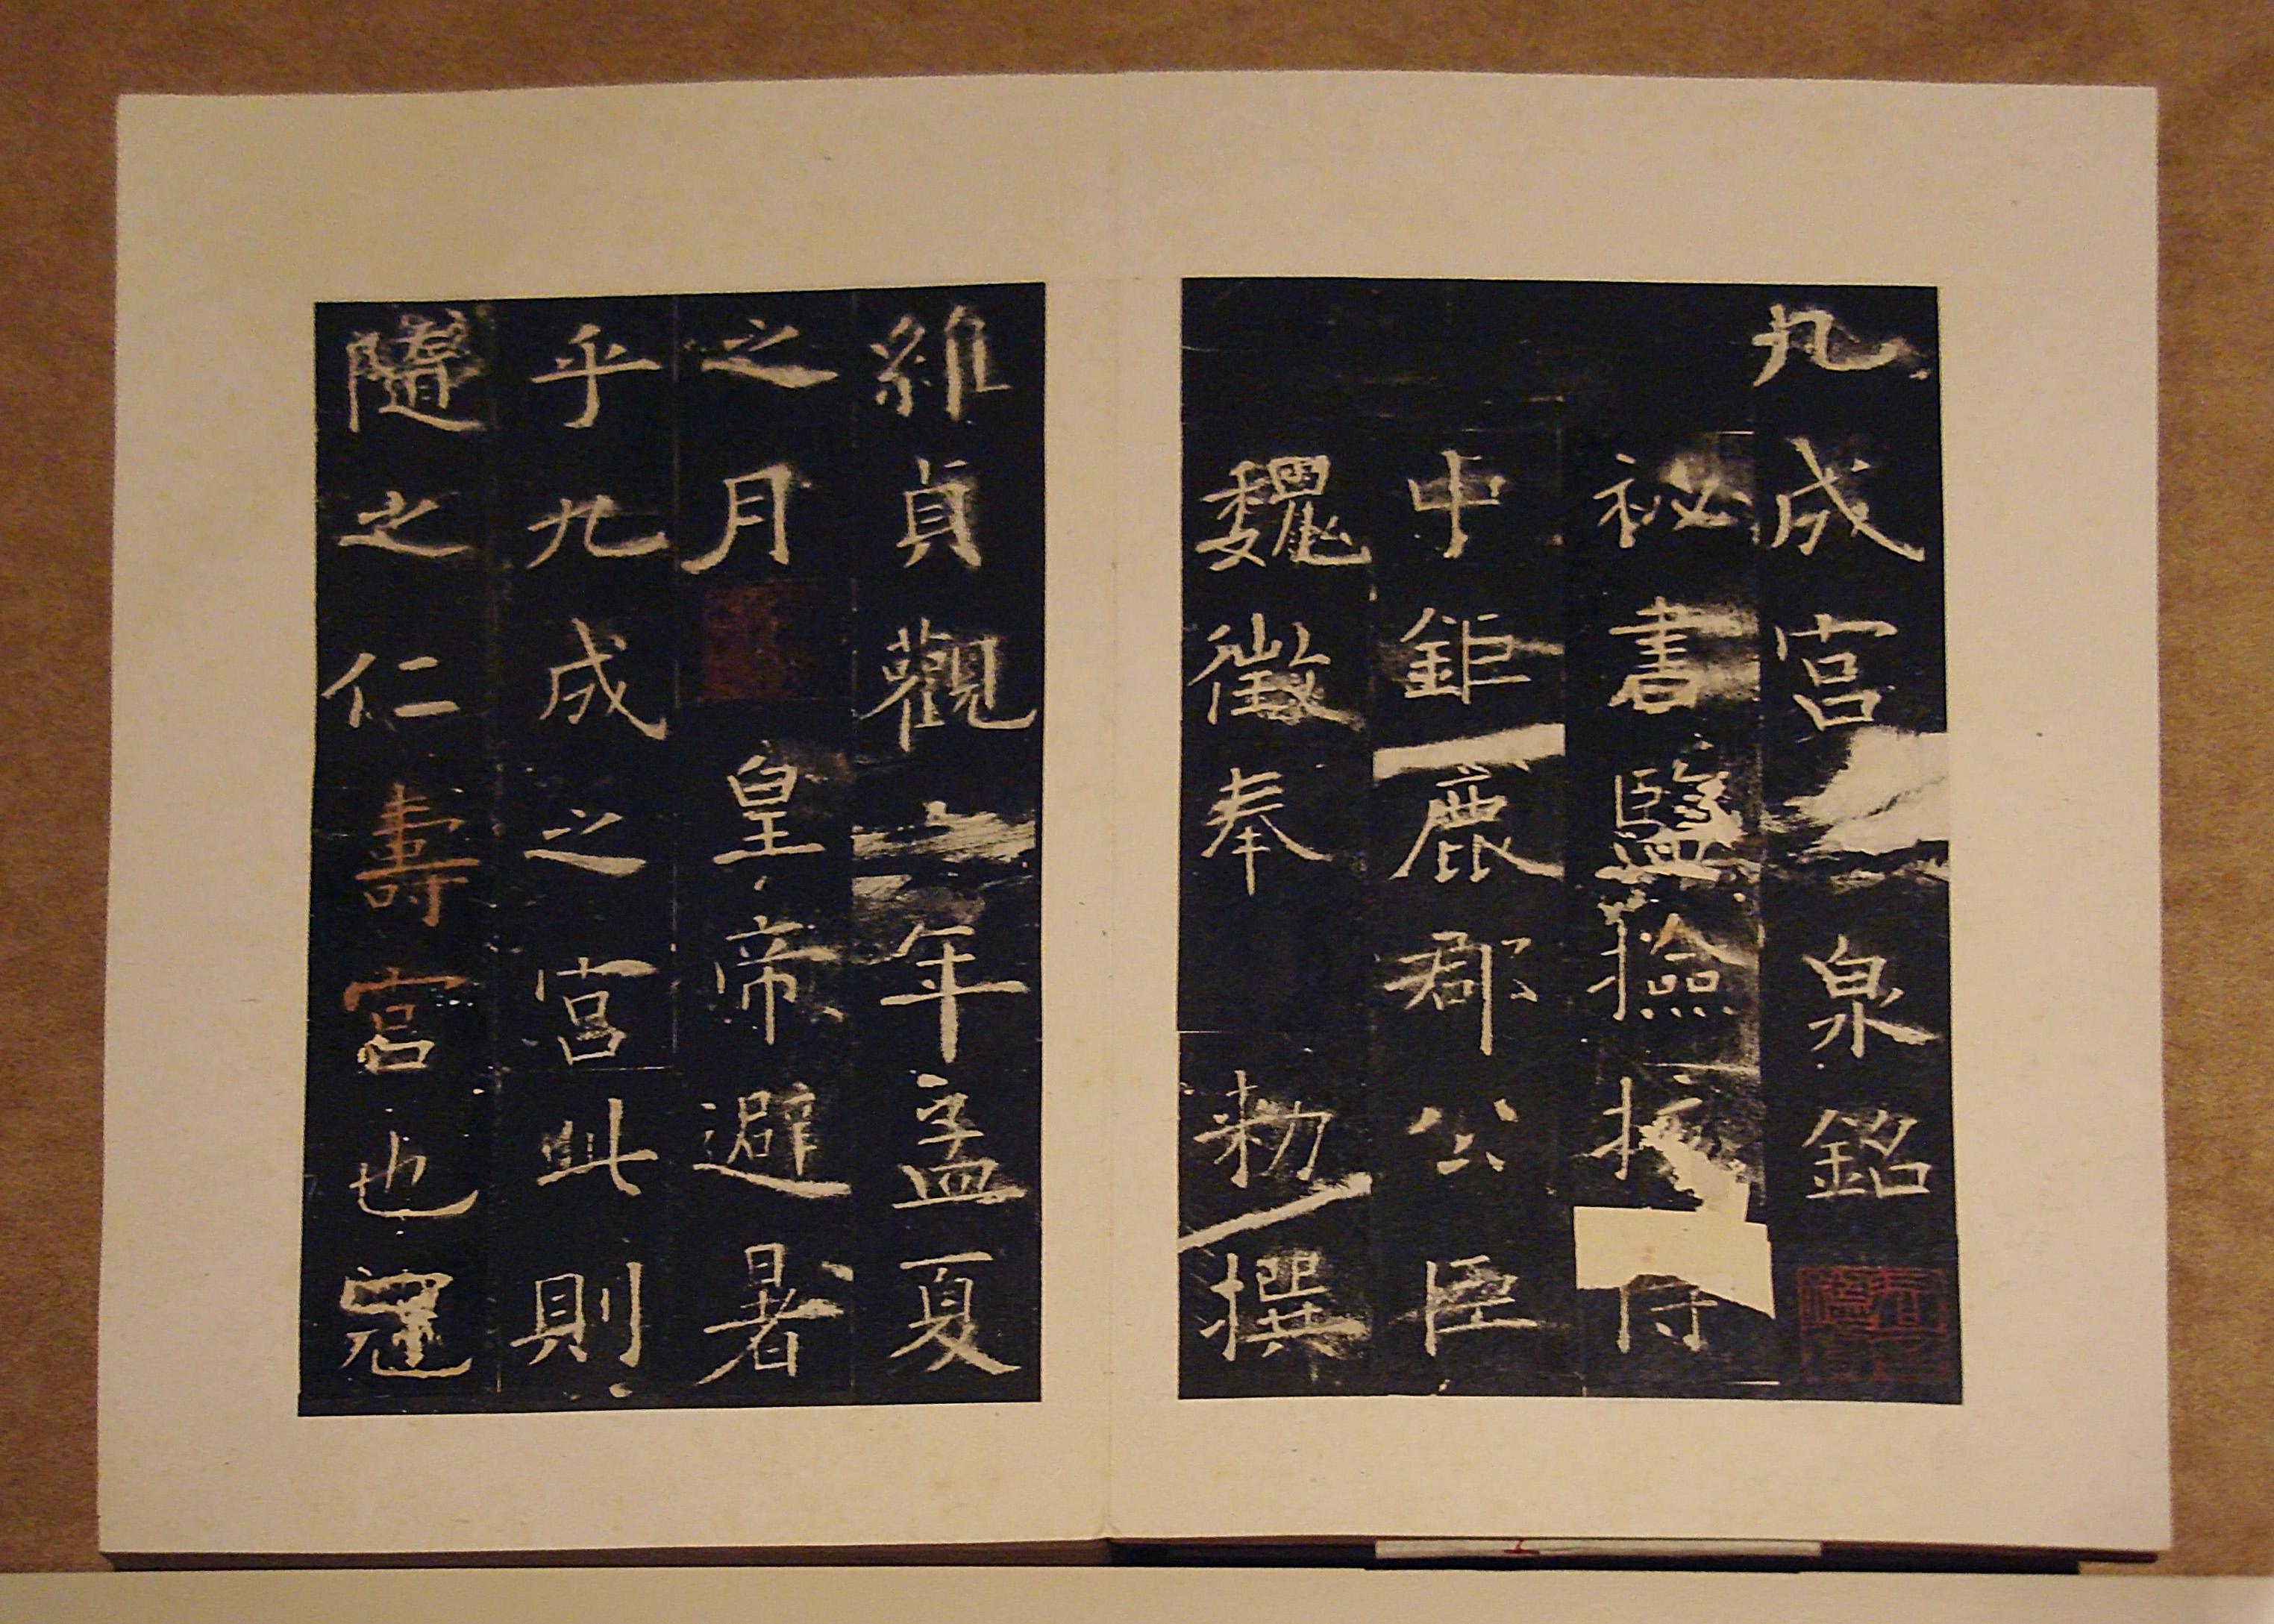 chinas greatest dynasty essay